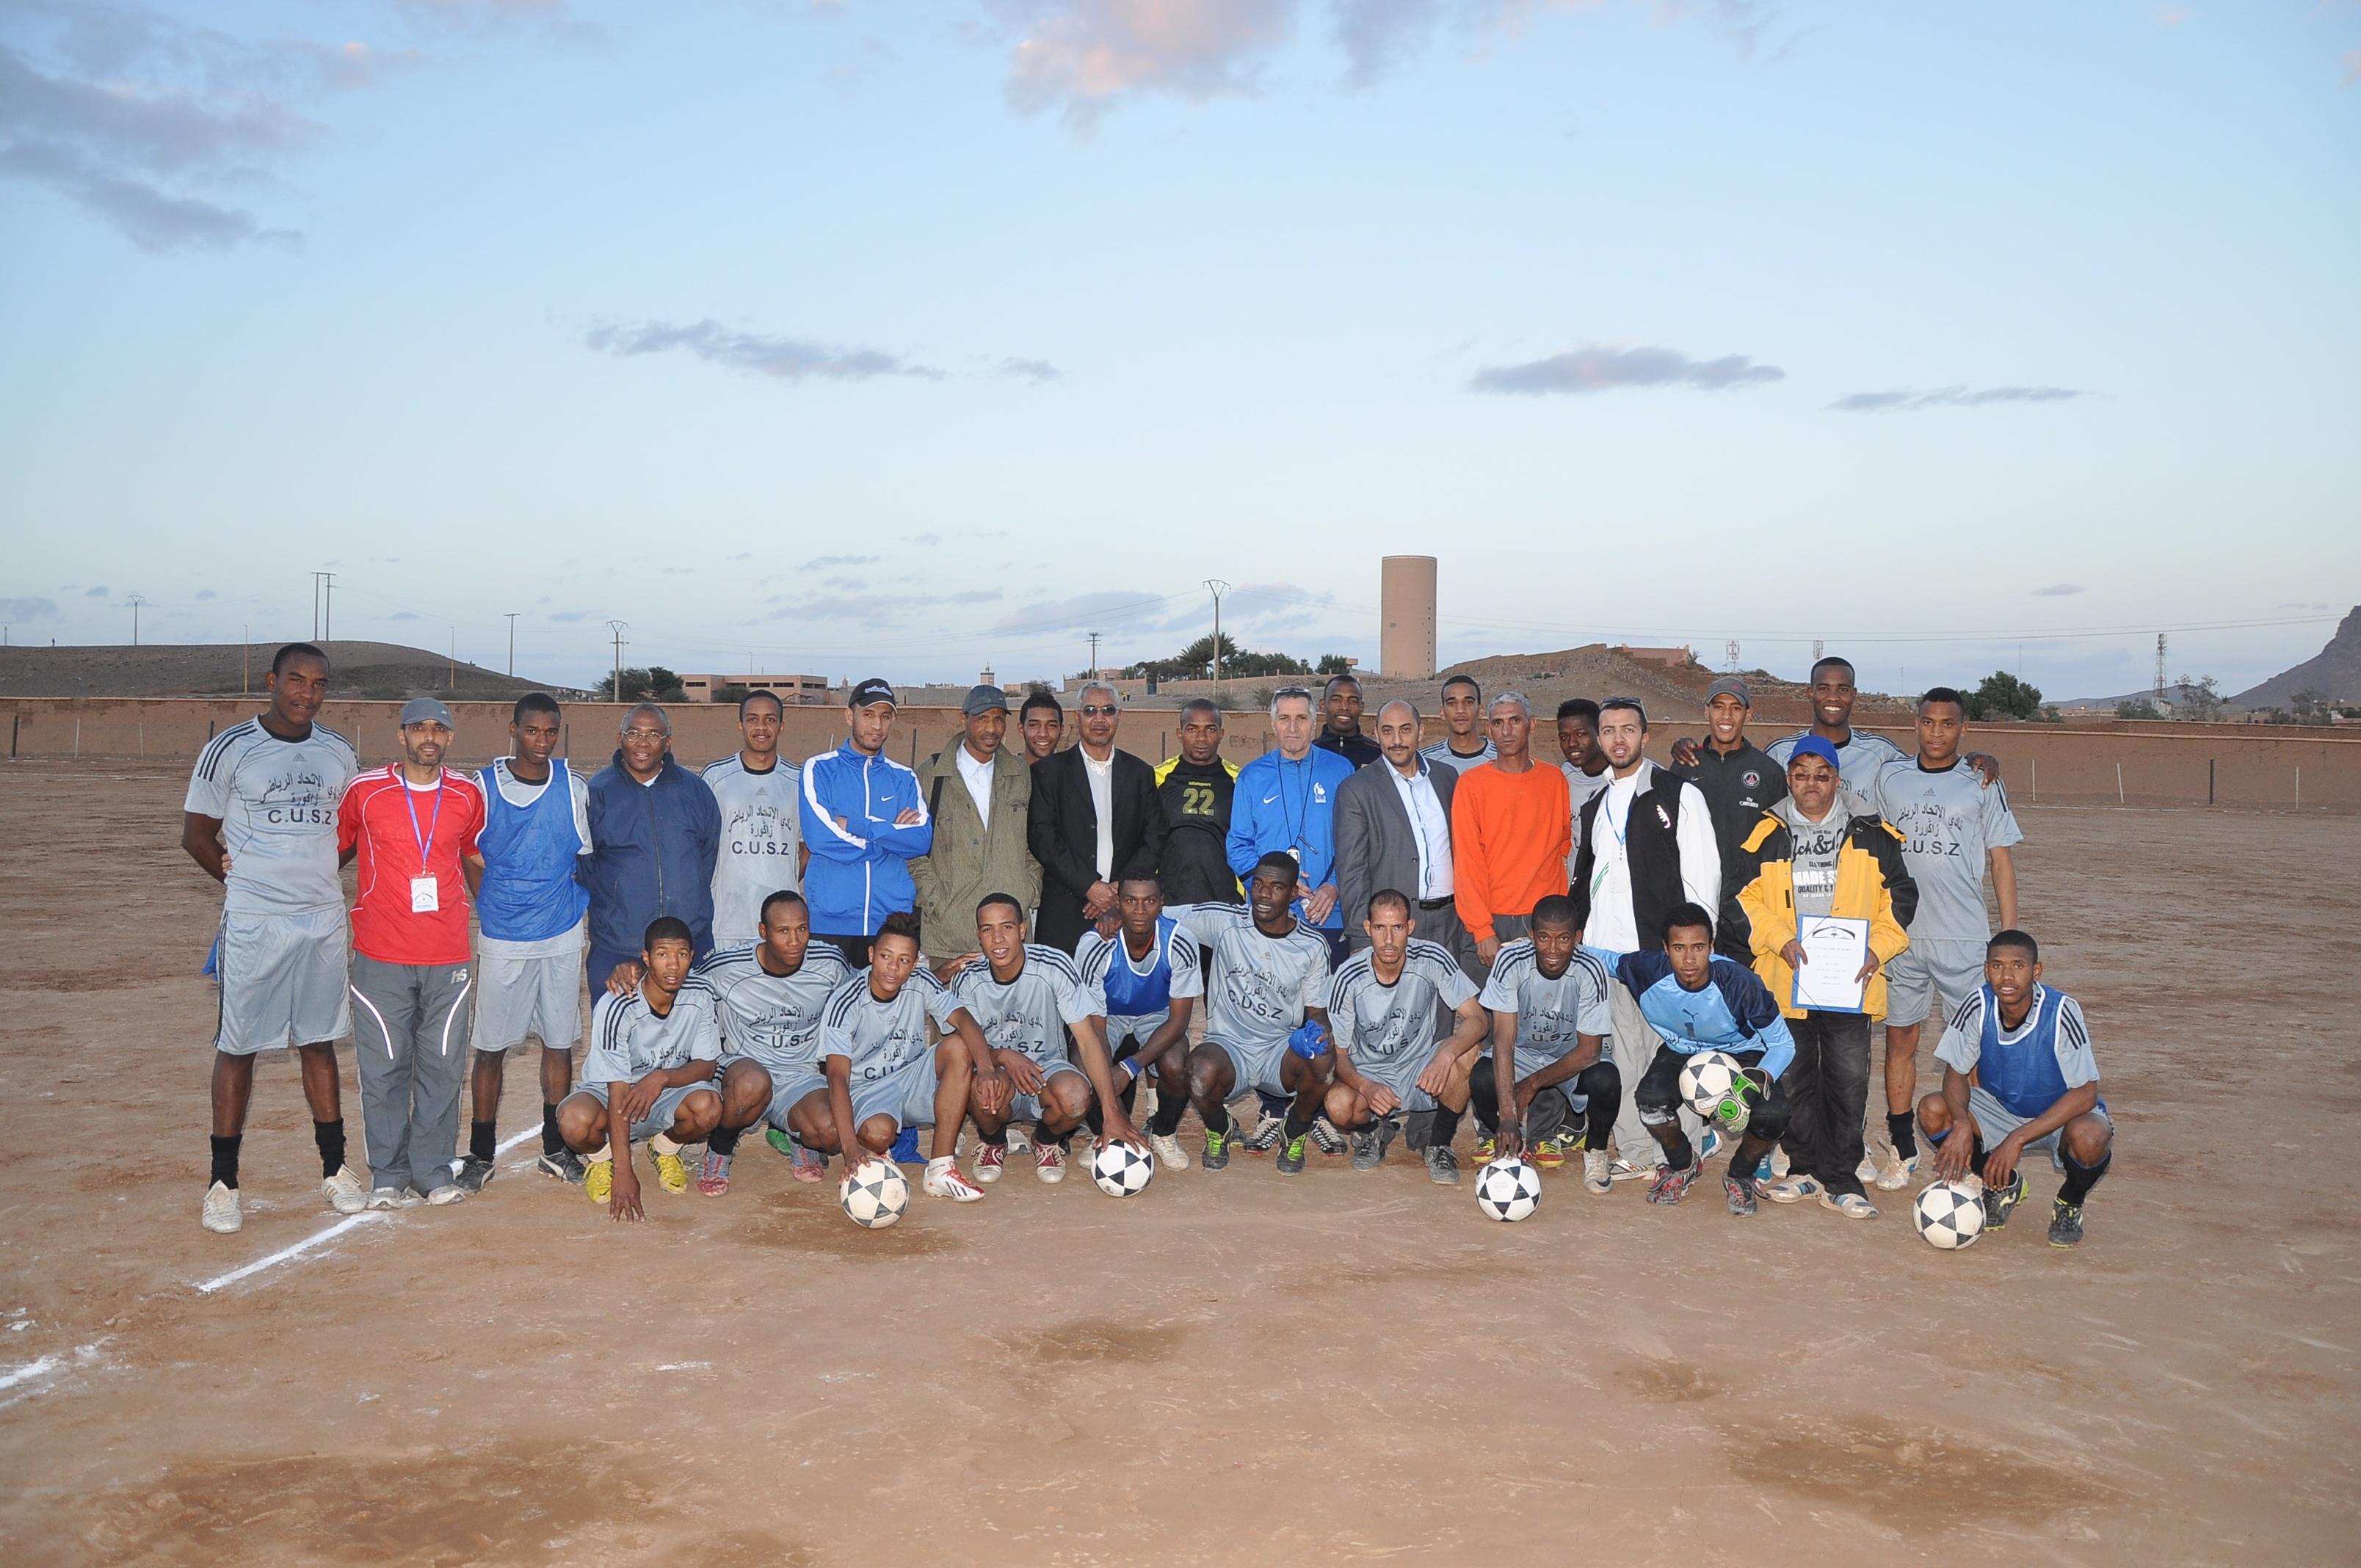 لقاء اليوم الأربعاء بين فريقا الاتحاد الرياضي والجمعية الرياضية لبومالن دادس